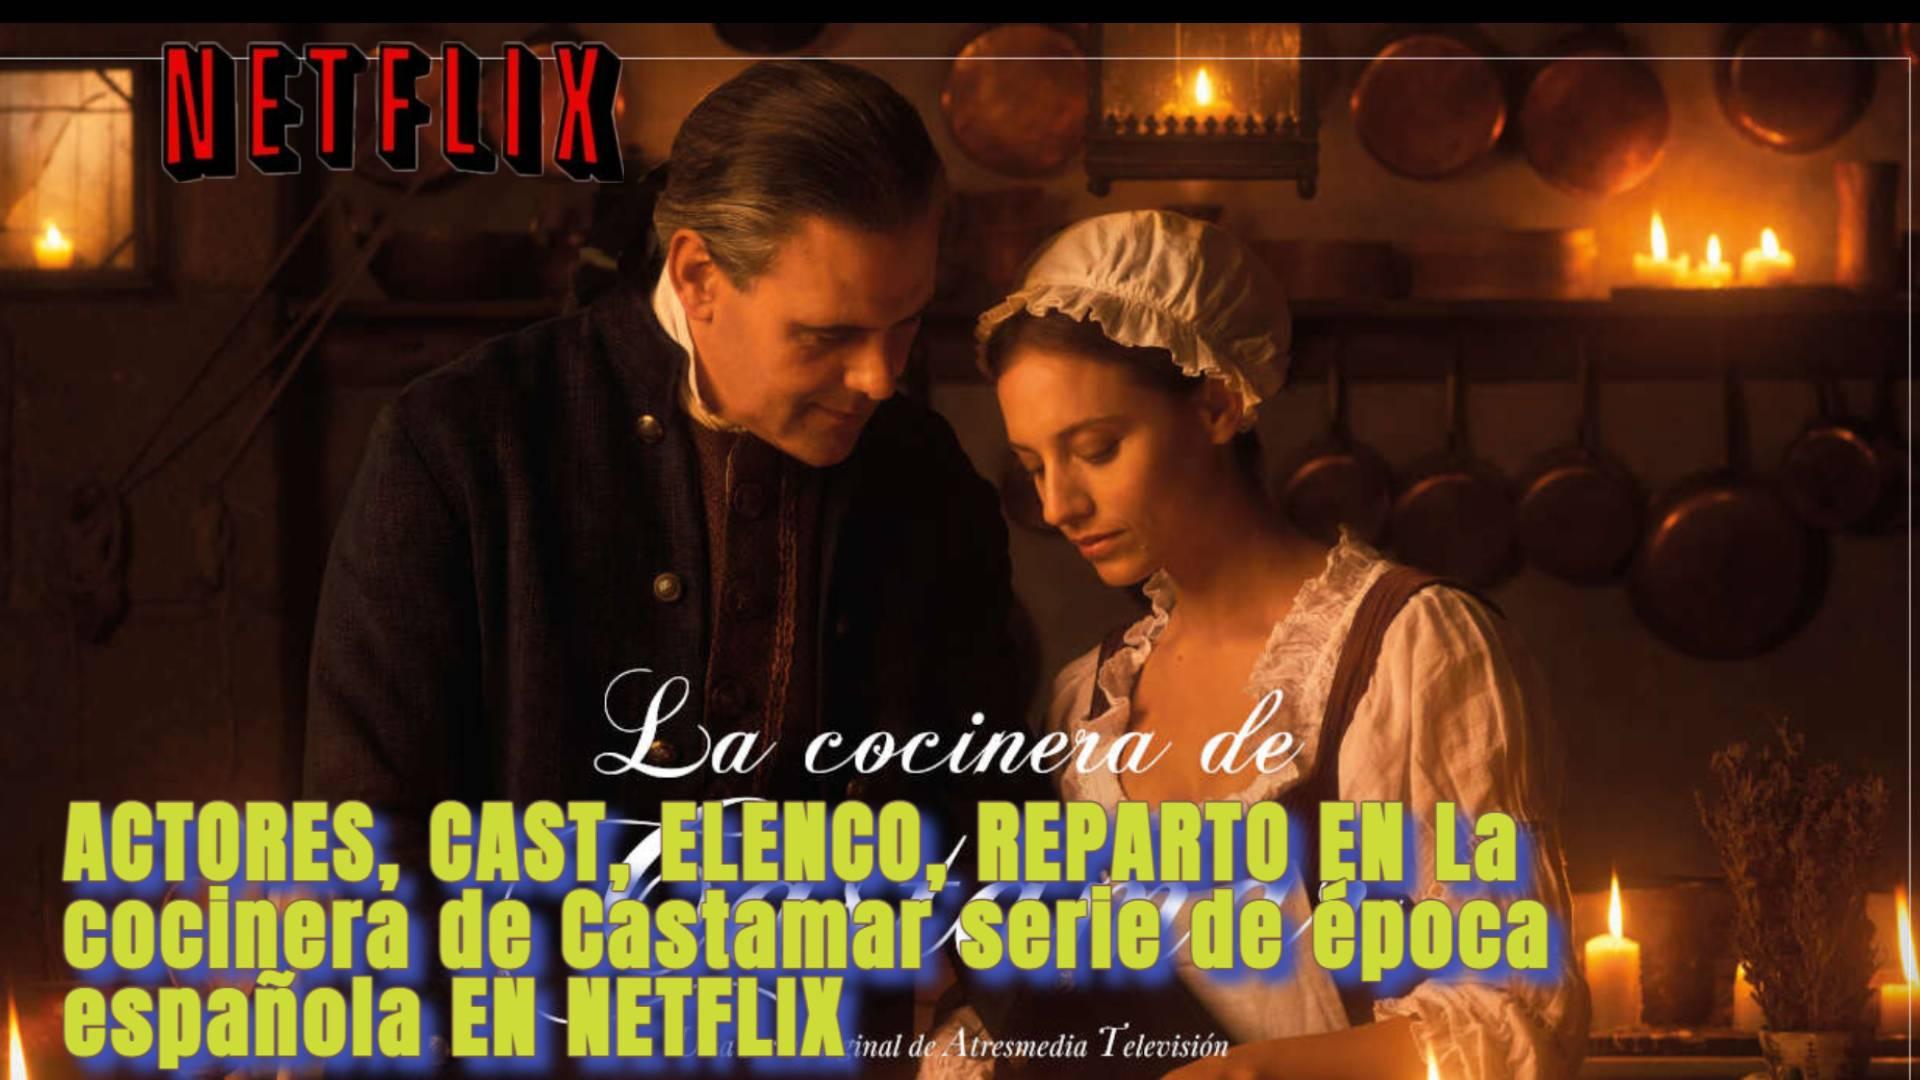 ACTORES, CAST, ELENCO, REPARTO EN La cocinera de Castamar serie de época española EN NETFLIX